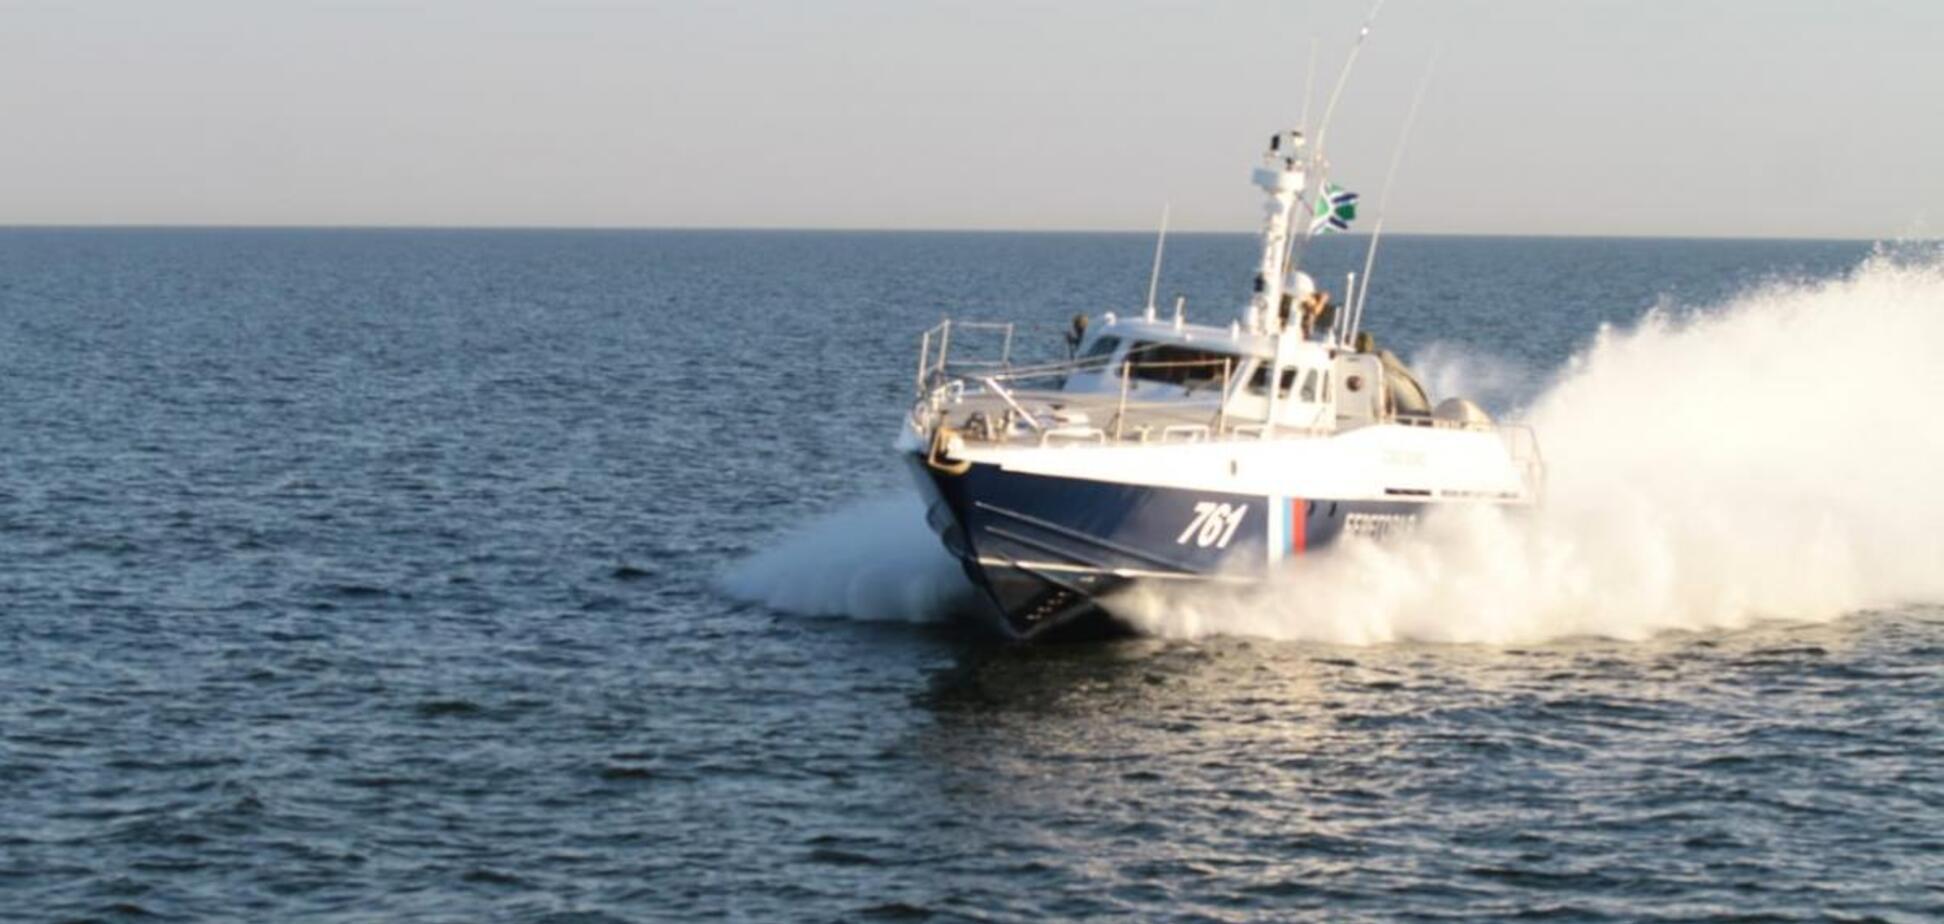 Оккупанты задержали судно с украинцами в Азовском море. Фото